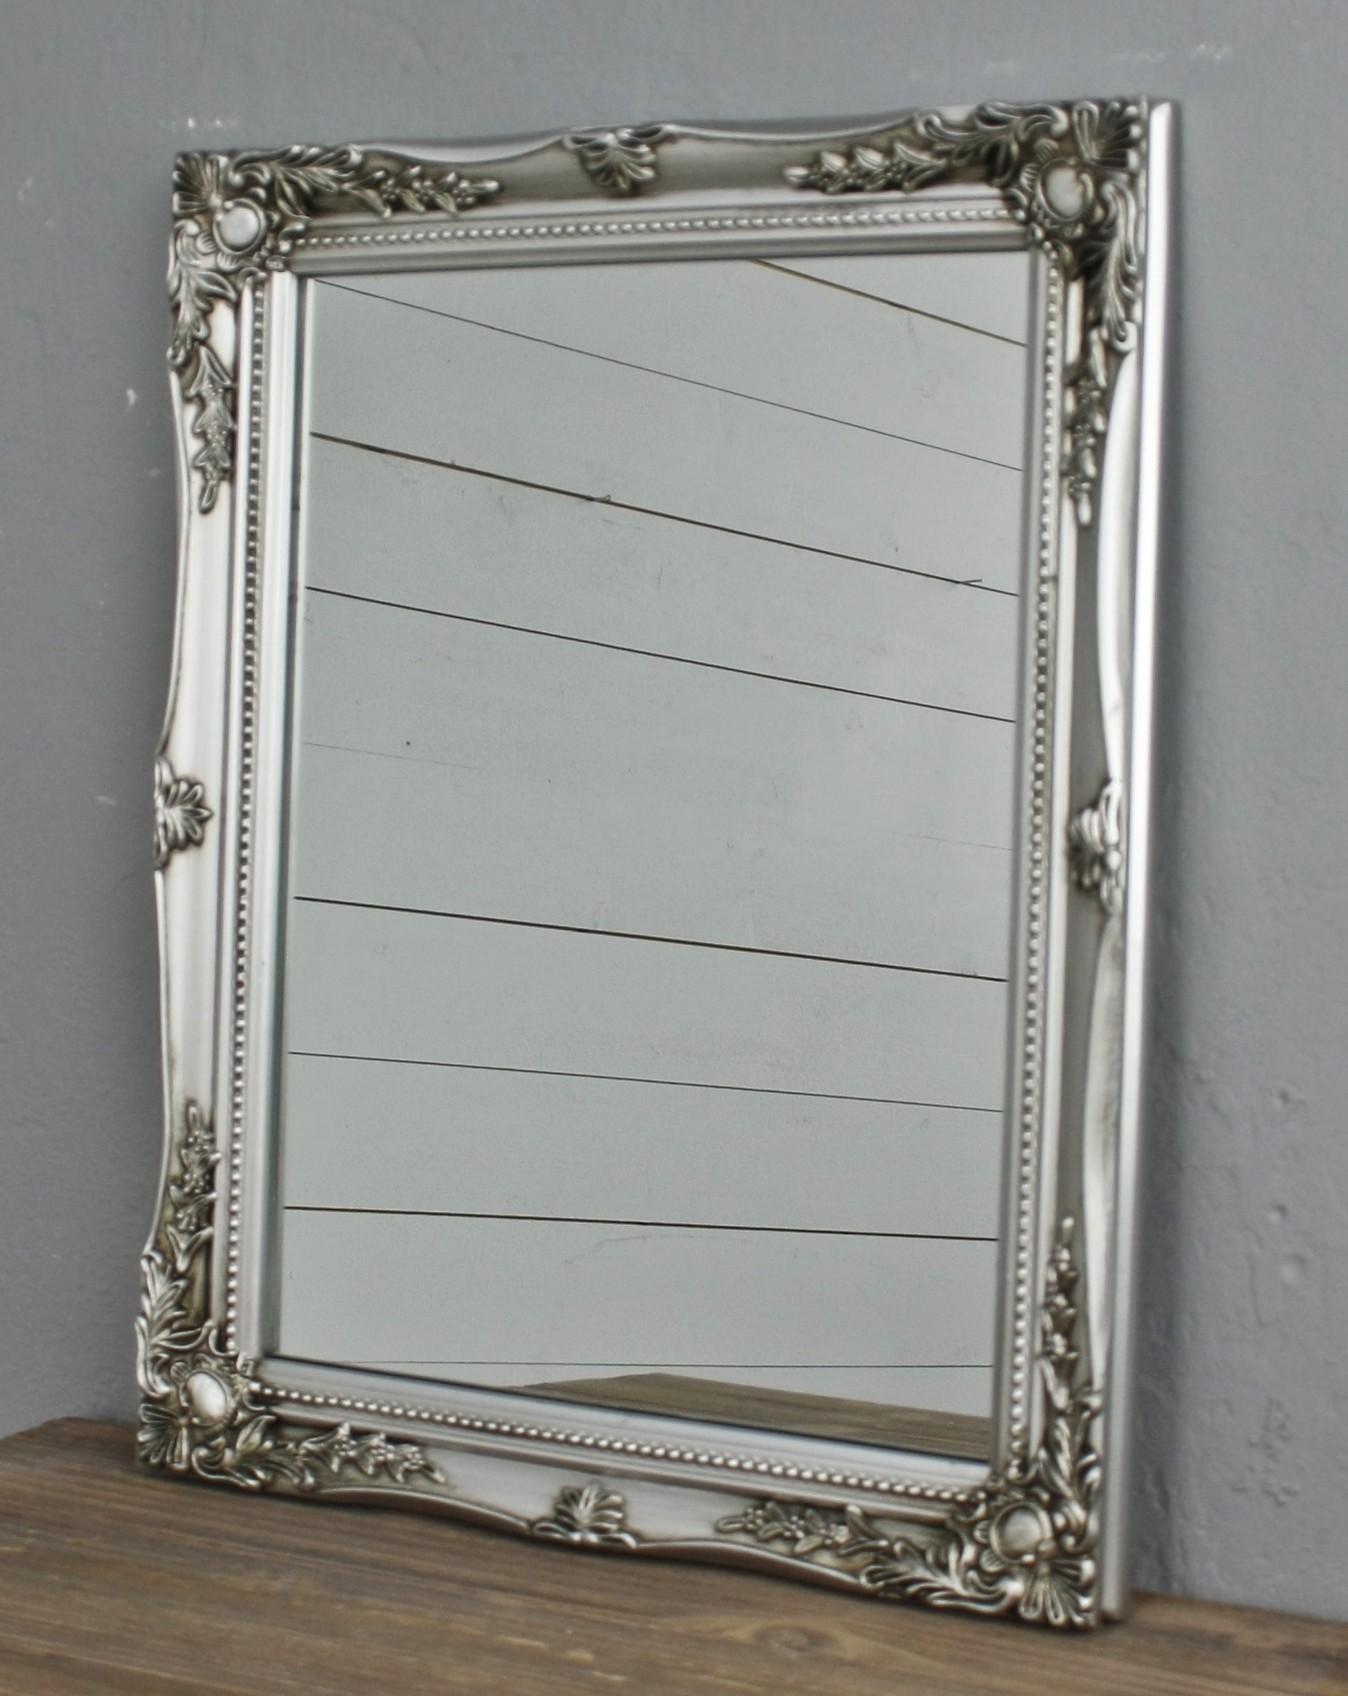 spiegel silber holz barock On spiegel silber barock